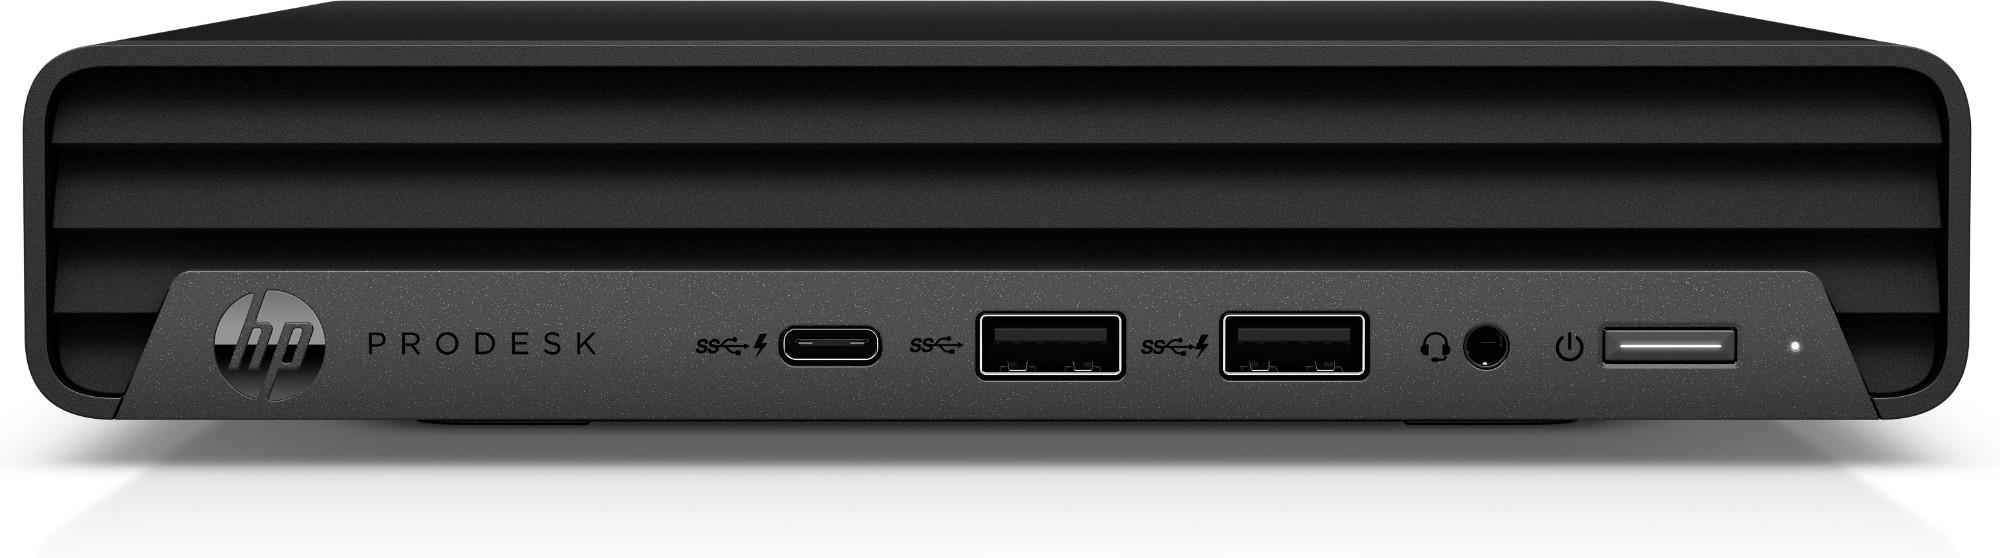 HP ProDesk 400 G6 DDR4-SDRAM i5-10500T mini PC 10th gen Intel-� Core��� i5 8 GB 256 GB SSD Windows 10 Pro Black